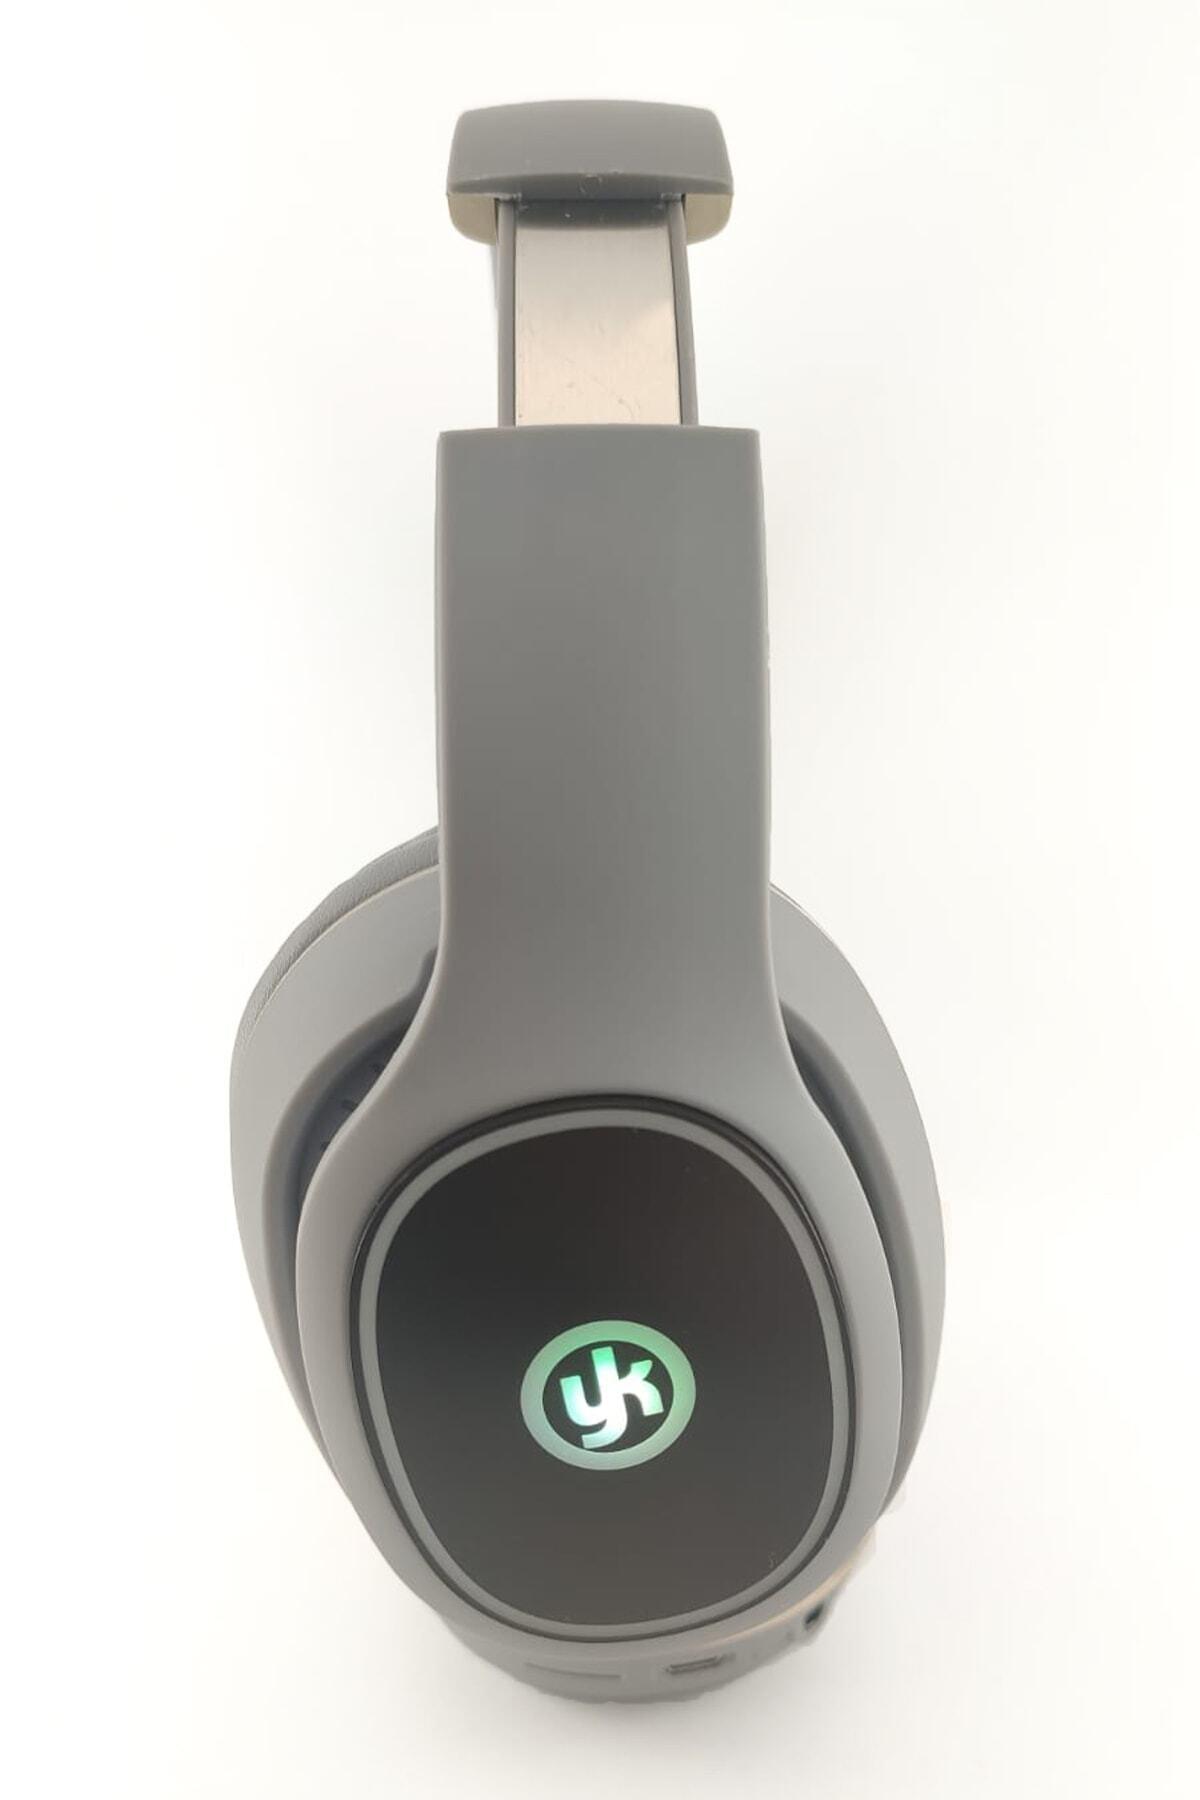 Kablosuz Rgb Led Işıklı Bluetooth Stereo Kulaklık Gri + Sd Kart Yk-811